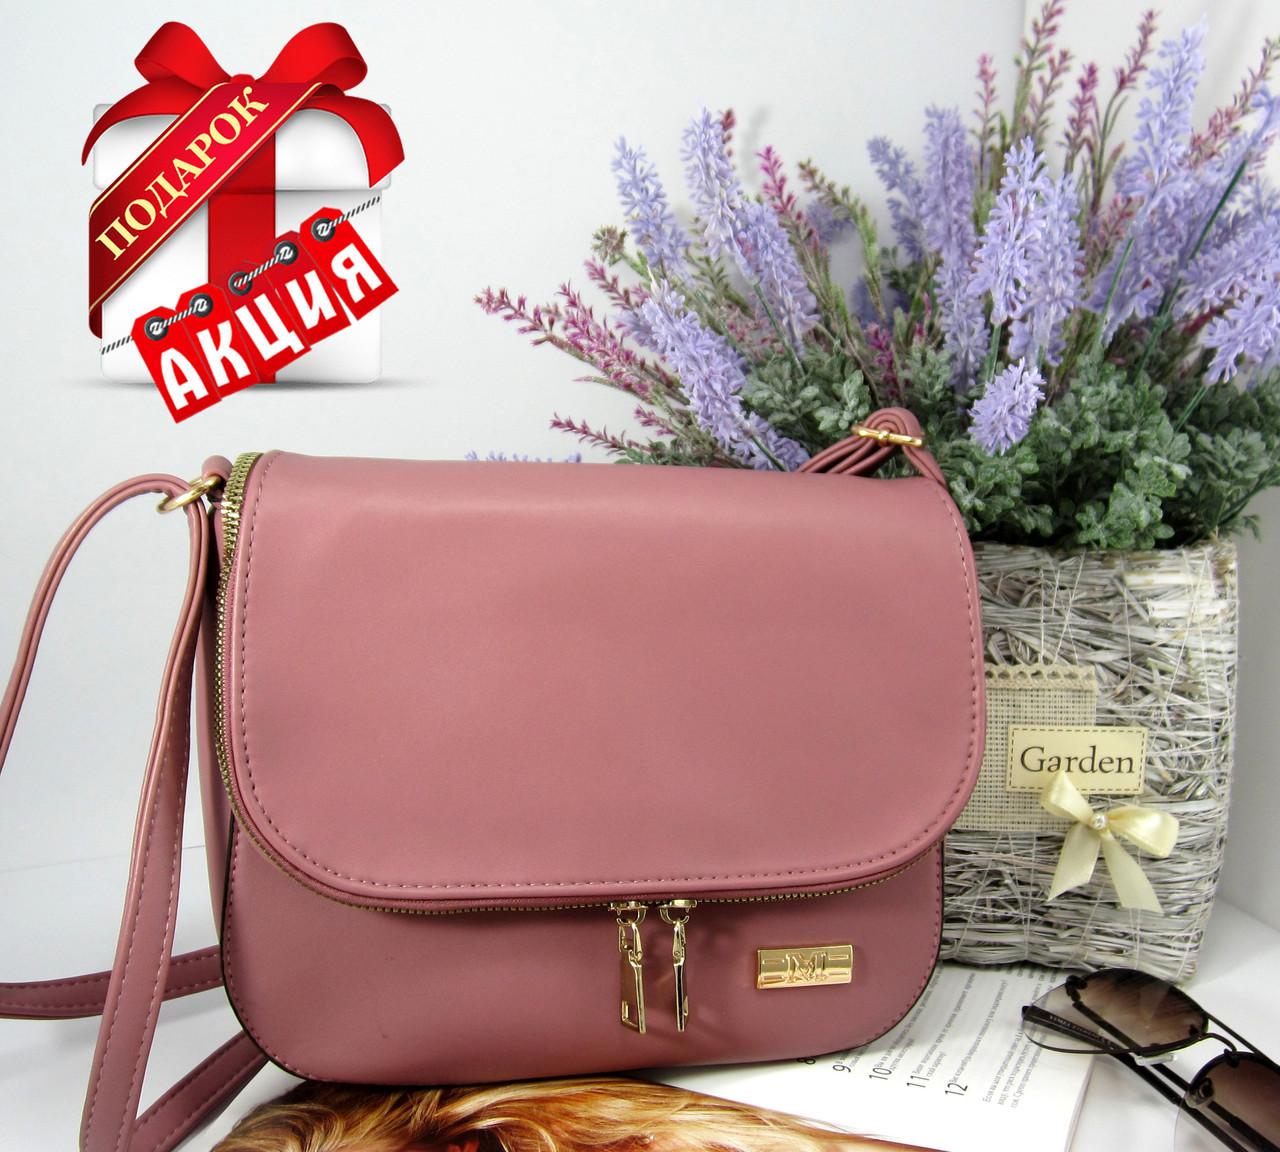 f6c7e3453a4e Женская сумка пыльно-розового цвета f-708 - Интернет-магазин Mari в Одессе